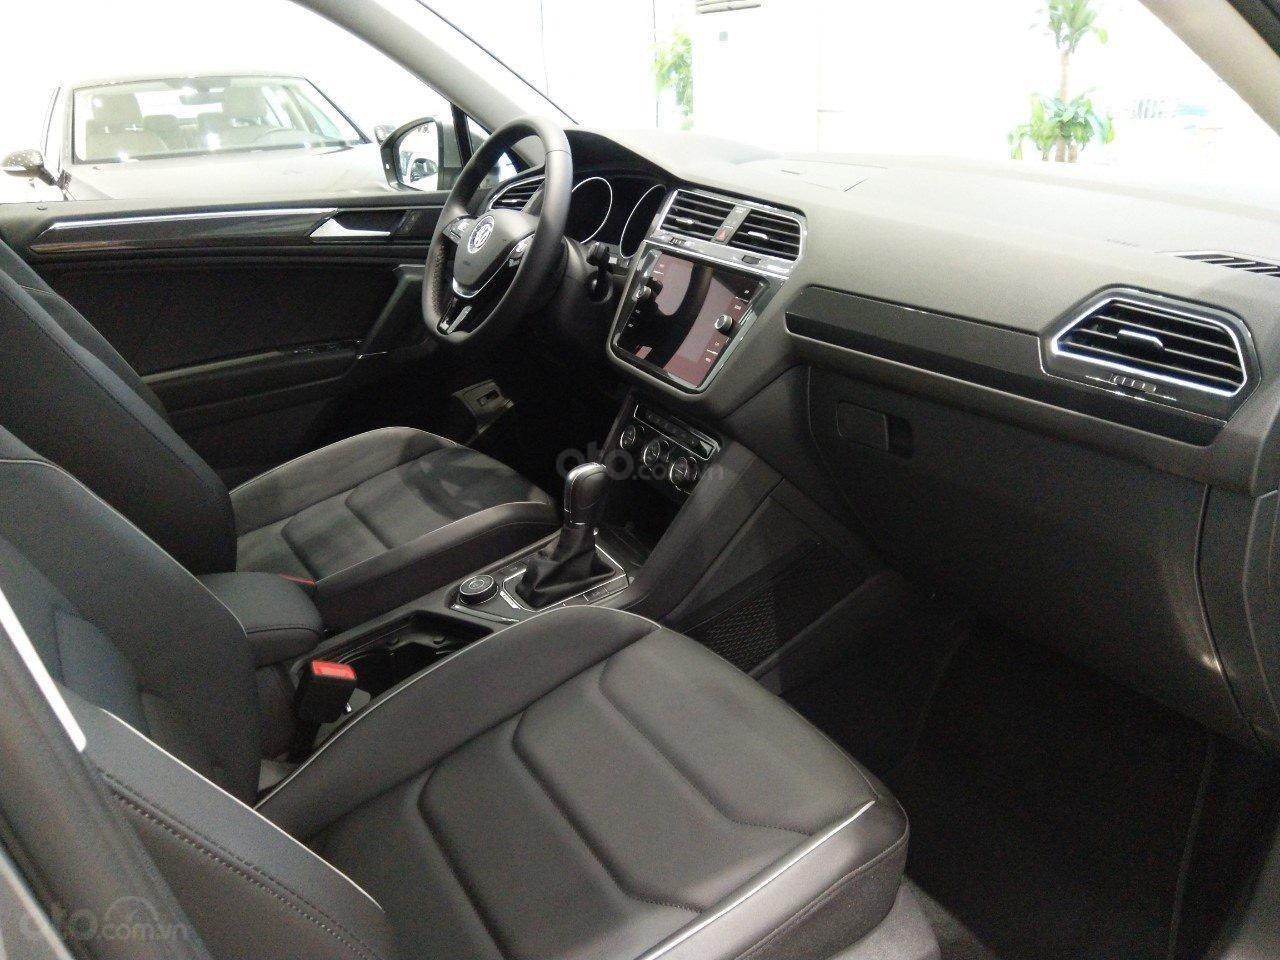 Bán Volkswagen Tiguan năm 2019, nhập khẩu nguyên chiếc chiết khấu cao (3)